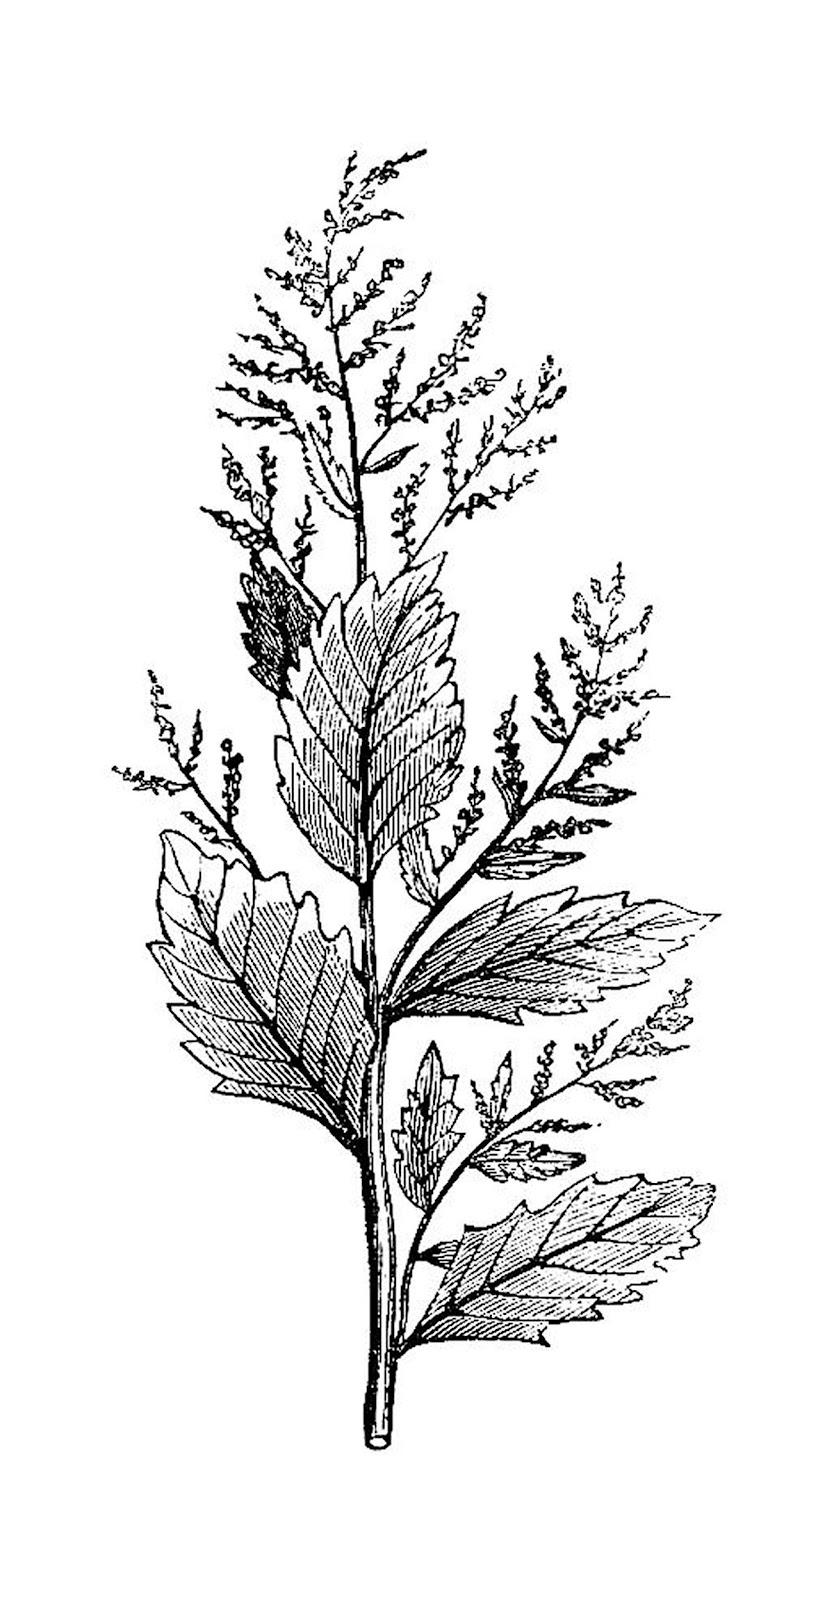 Botanical illustration black and white - photo#11